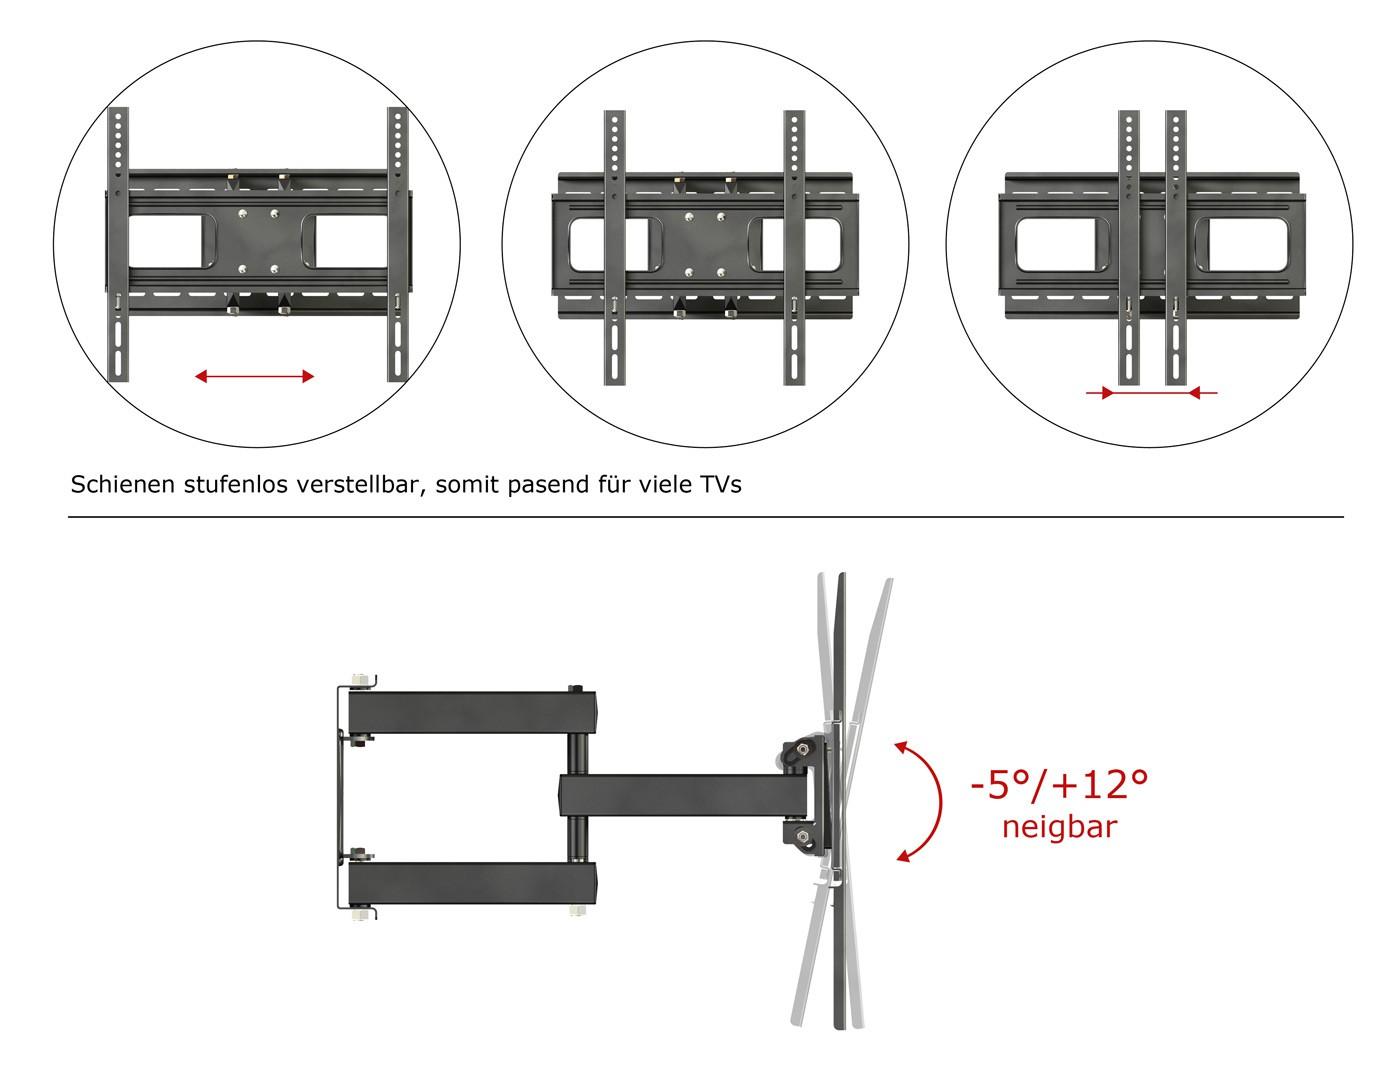 Ricoo wandhalterung tv schwenkbar neigbar s1544 universal lcd wandhalter ausziehbar fernseher - Wandhalterung flachbildfernseher ...